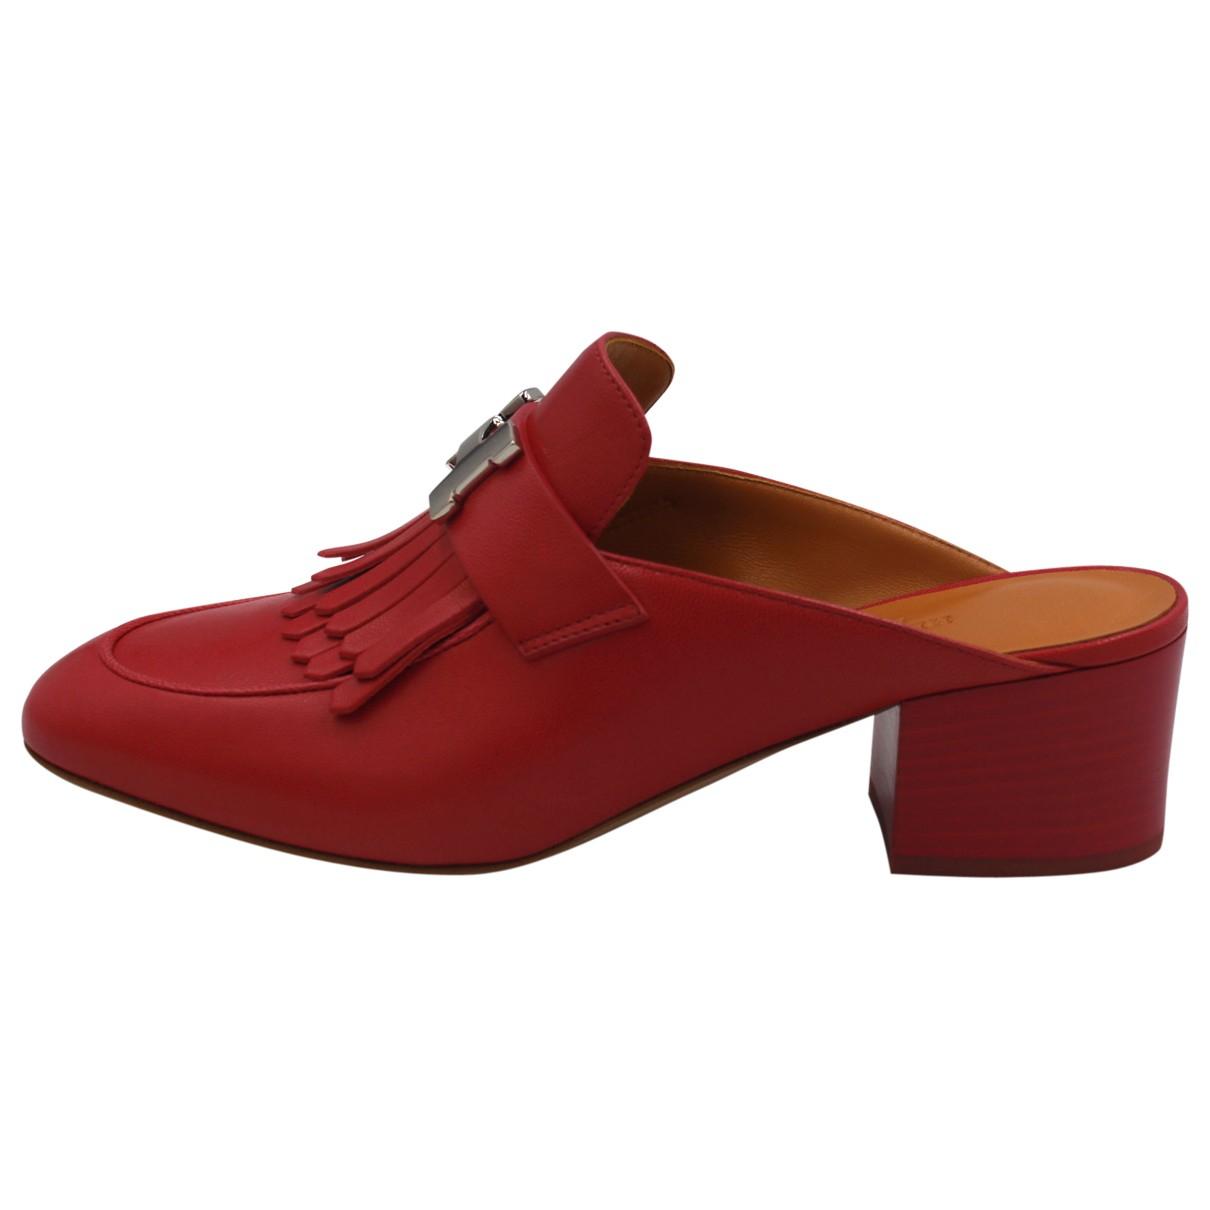 Hermes - Mocassins Paradis pour femme en cuir - rouge